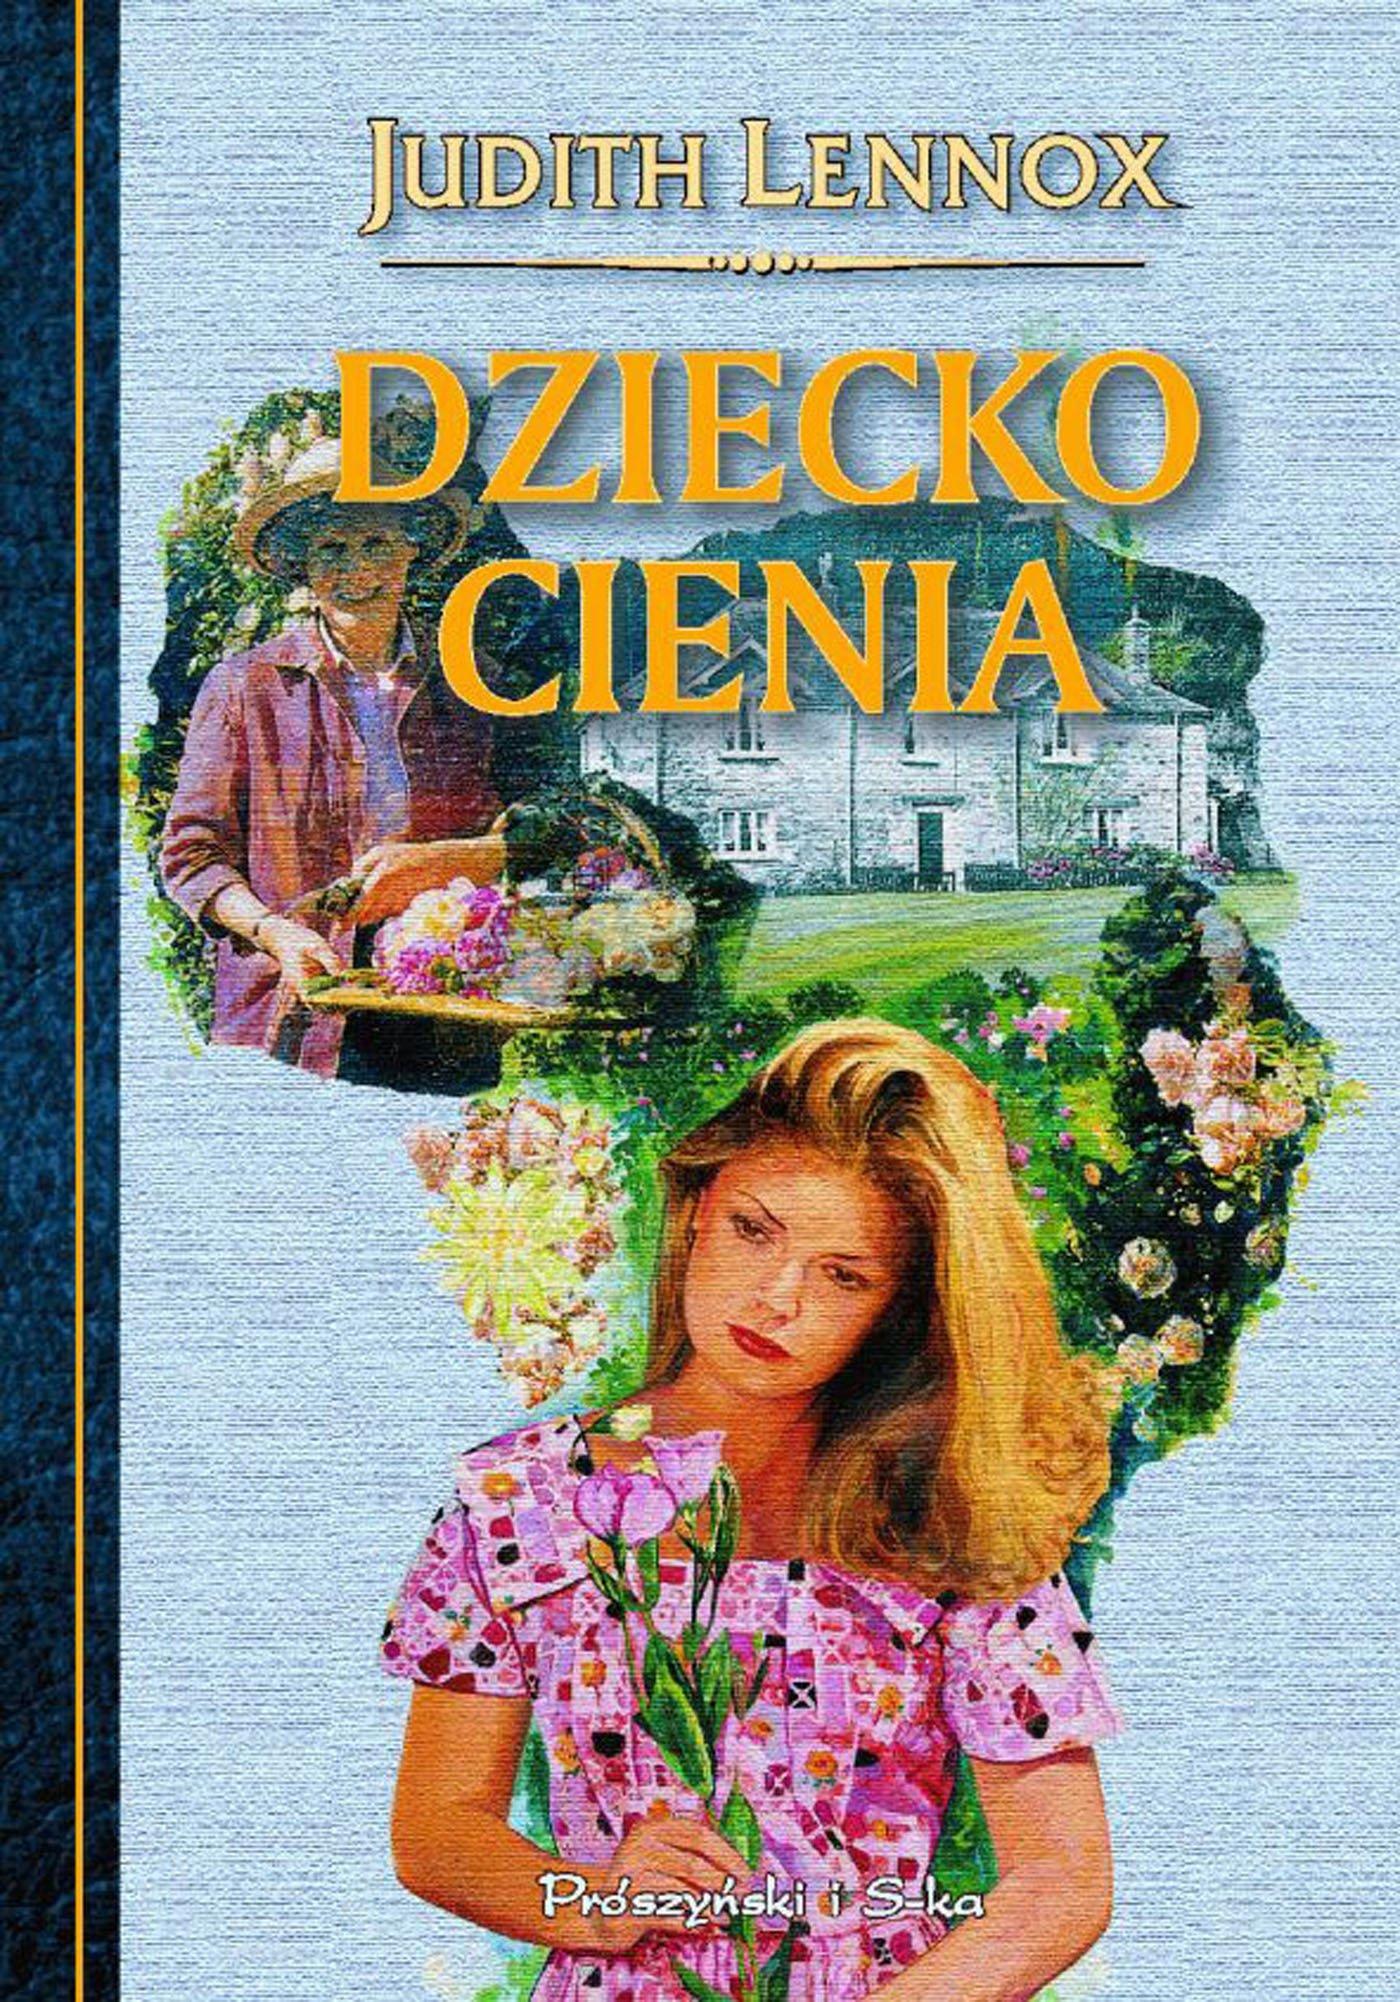 Dziecko cienia - Ebook (Książka EPUB) do pobrania w formacie EPUB